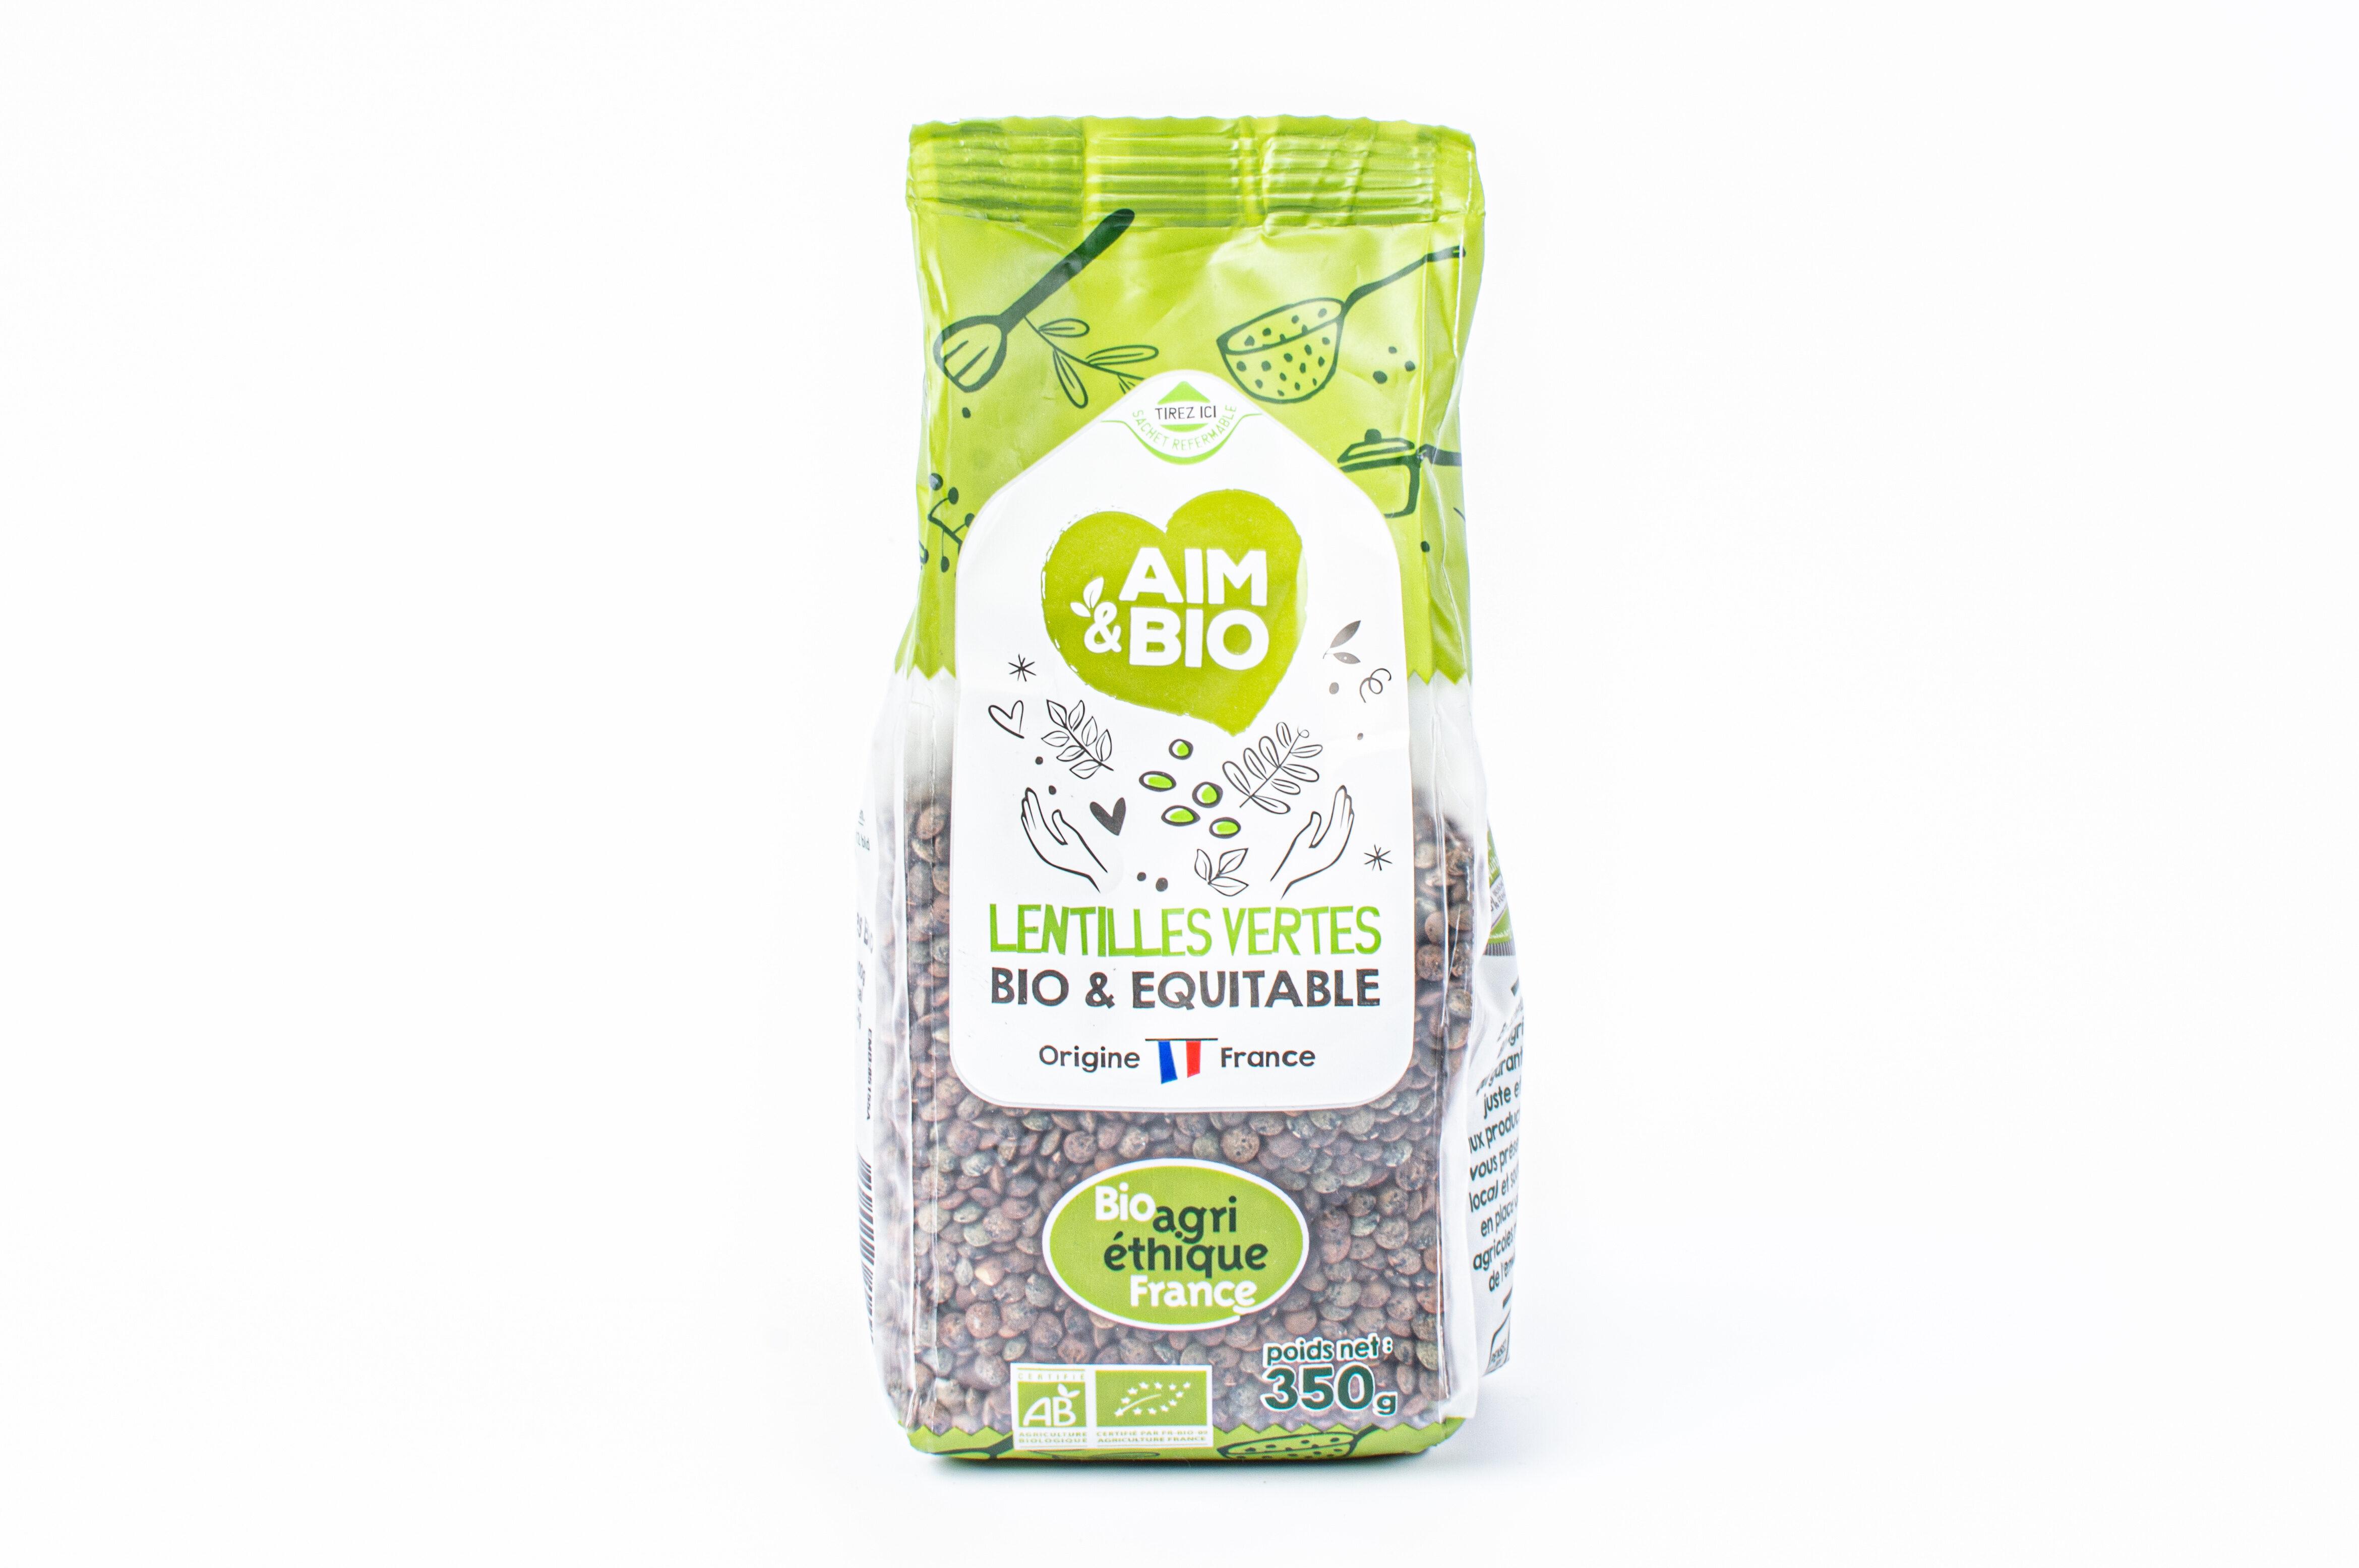 Lentilles vertes biologiques - Produit - fr